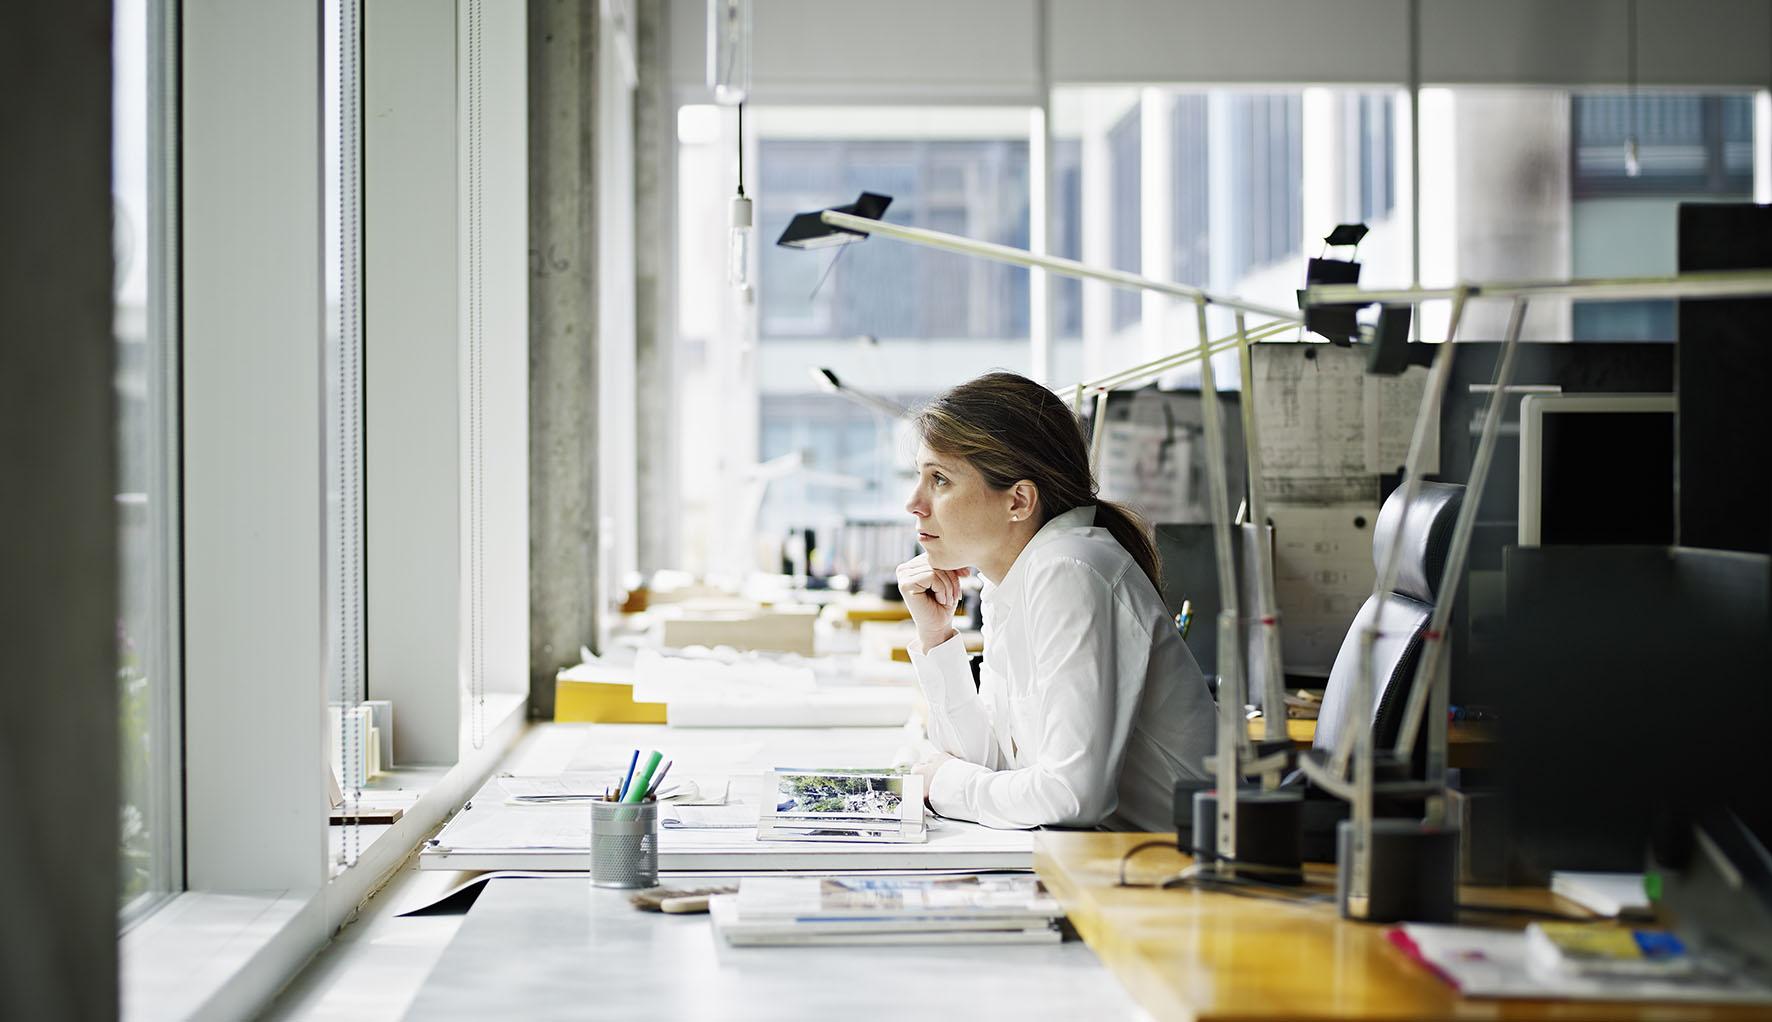 Op deze foto zit een vrouw achter haar bureau op haar werk en staart naar buiten.